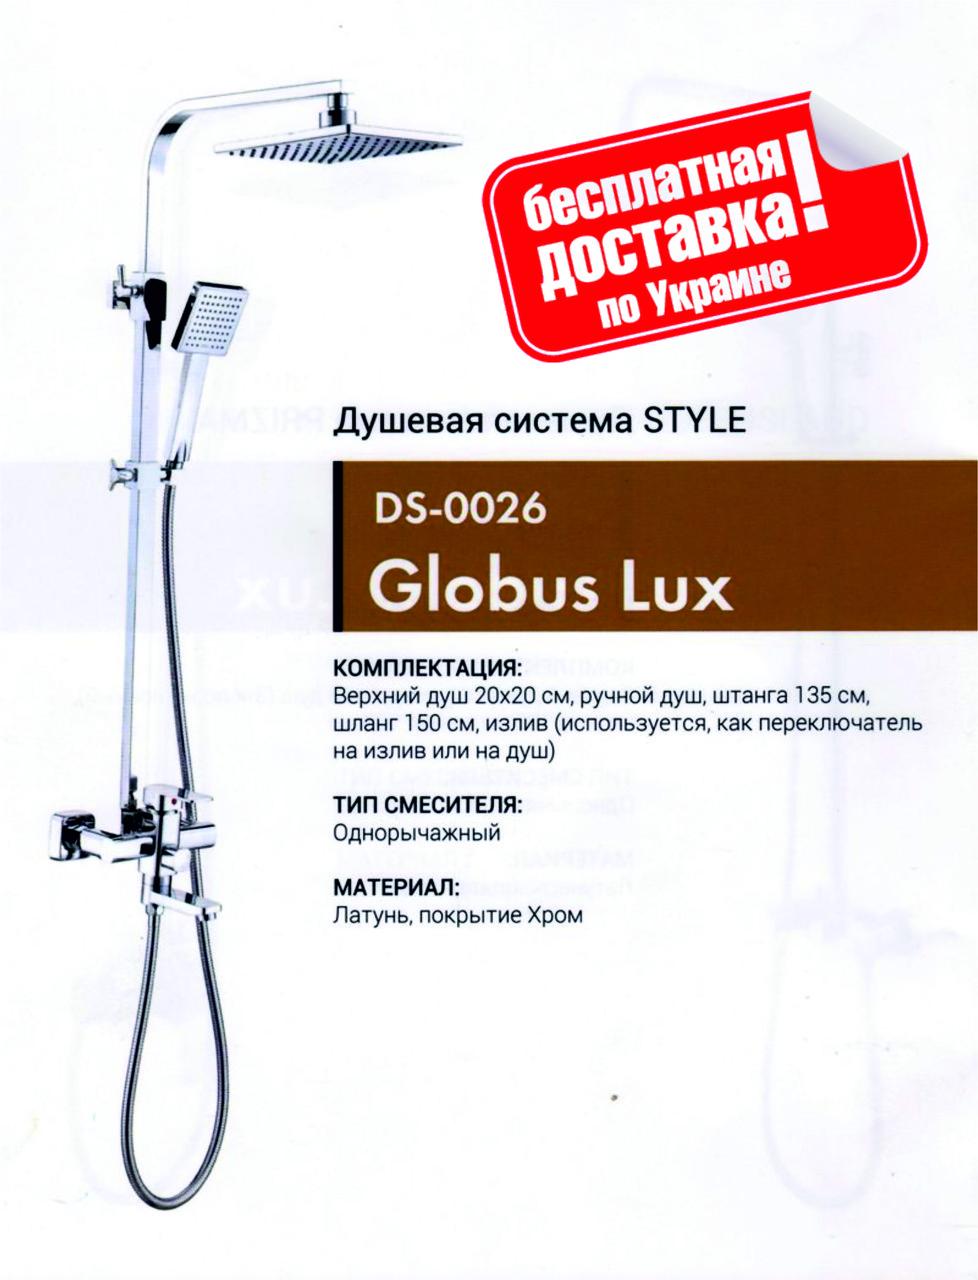 Душевая система Globus Lux STYLE DS-0026